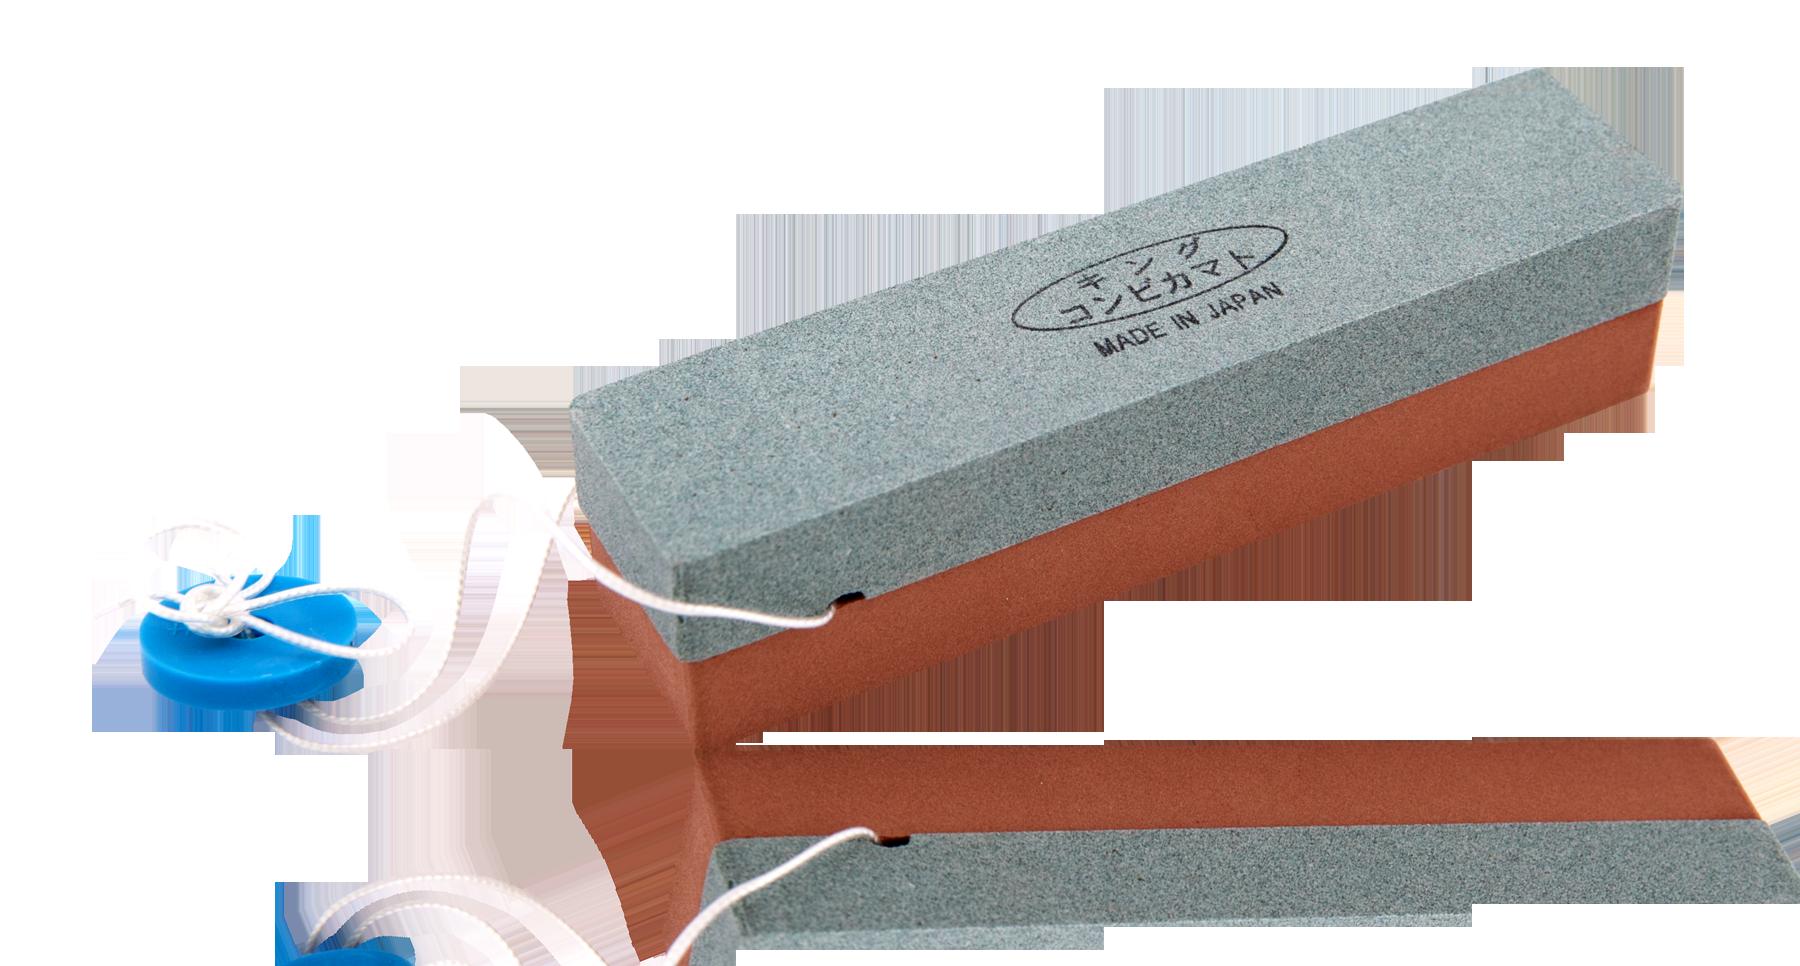 Камень точильный водный комбинированный 135*30*30мм грубый/средний компактный #250/#1000Бруски и камни<br>Камень точильный водный комбинированный 135*30*30мм грубый/средний компактный #250/#1000<br>